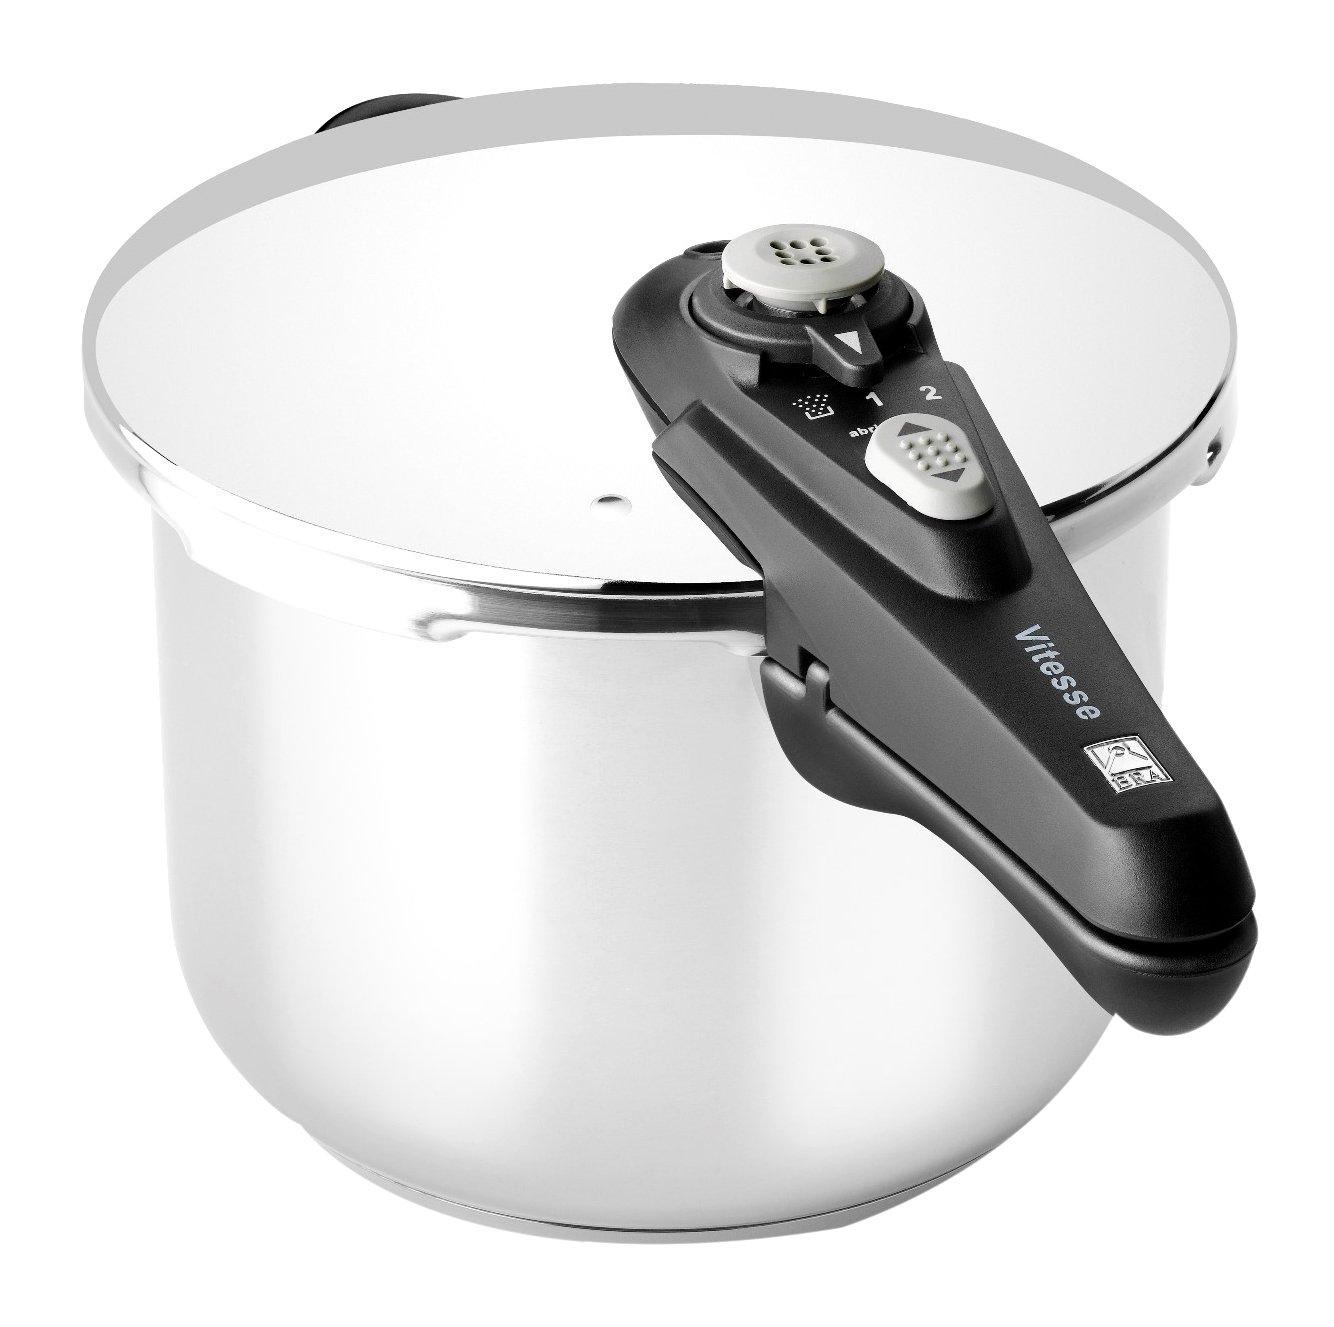 Braisogona BRA Vitesse - Fast pressure cooker, 3 l, 18/10 stainless steel Braisogona_A185100